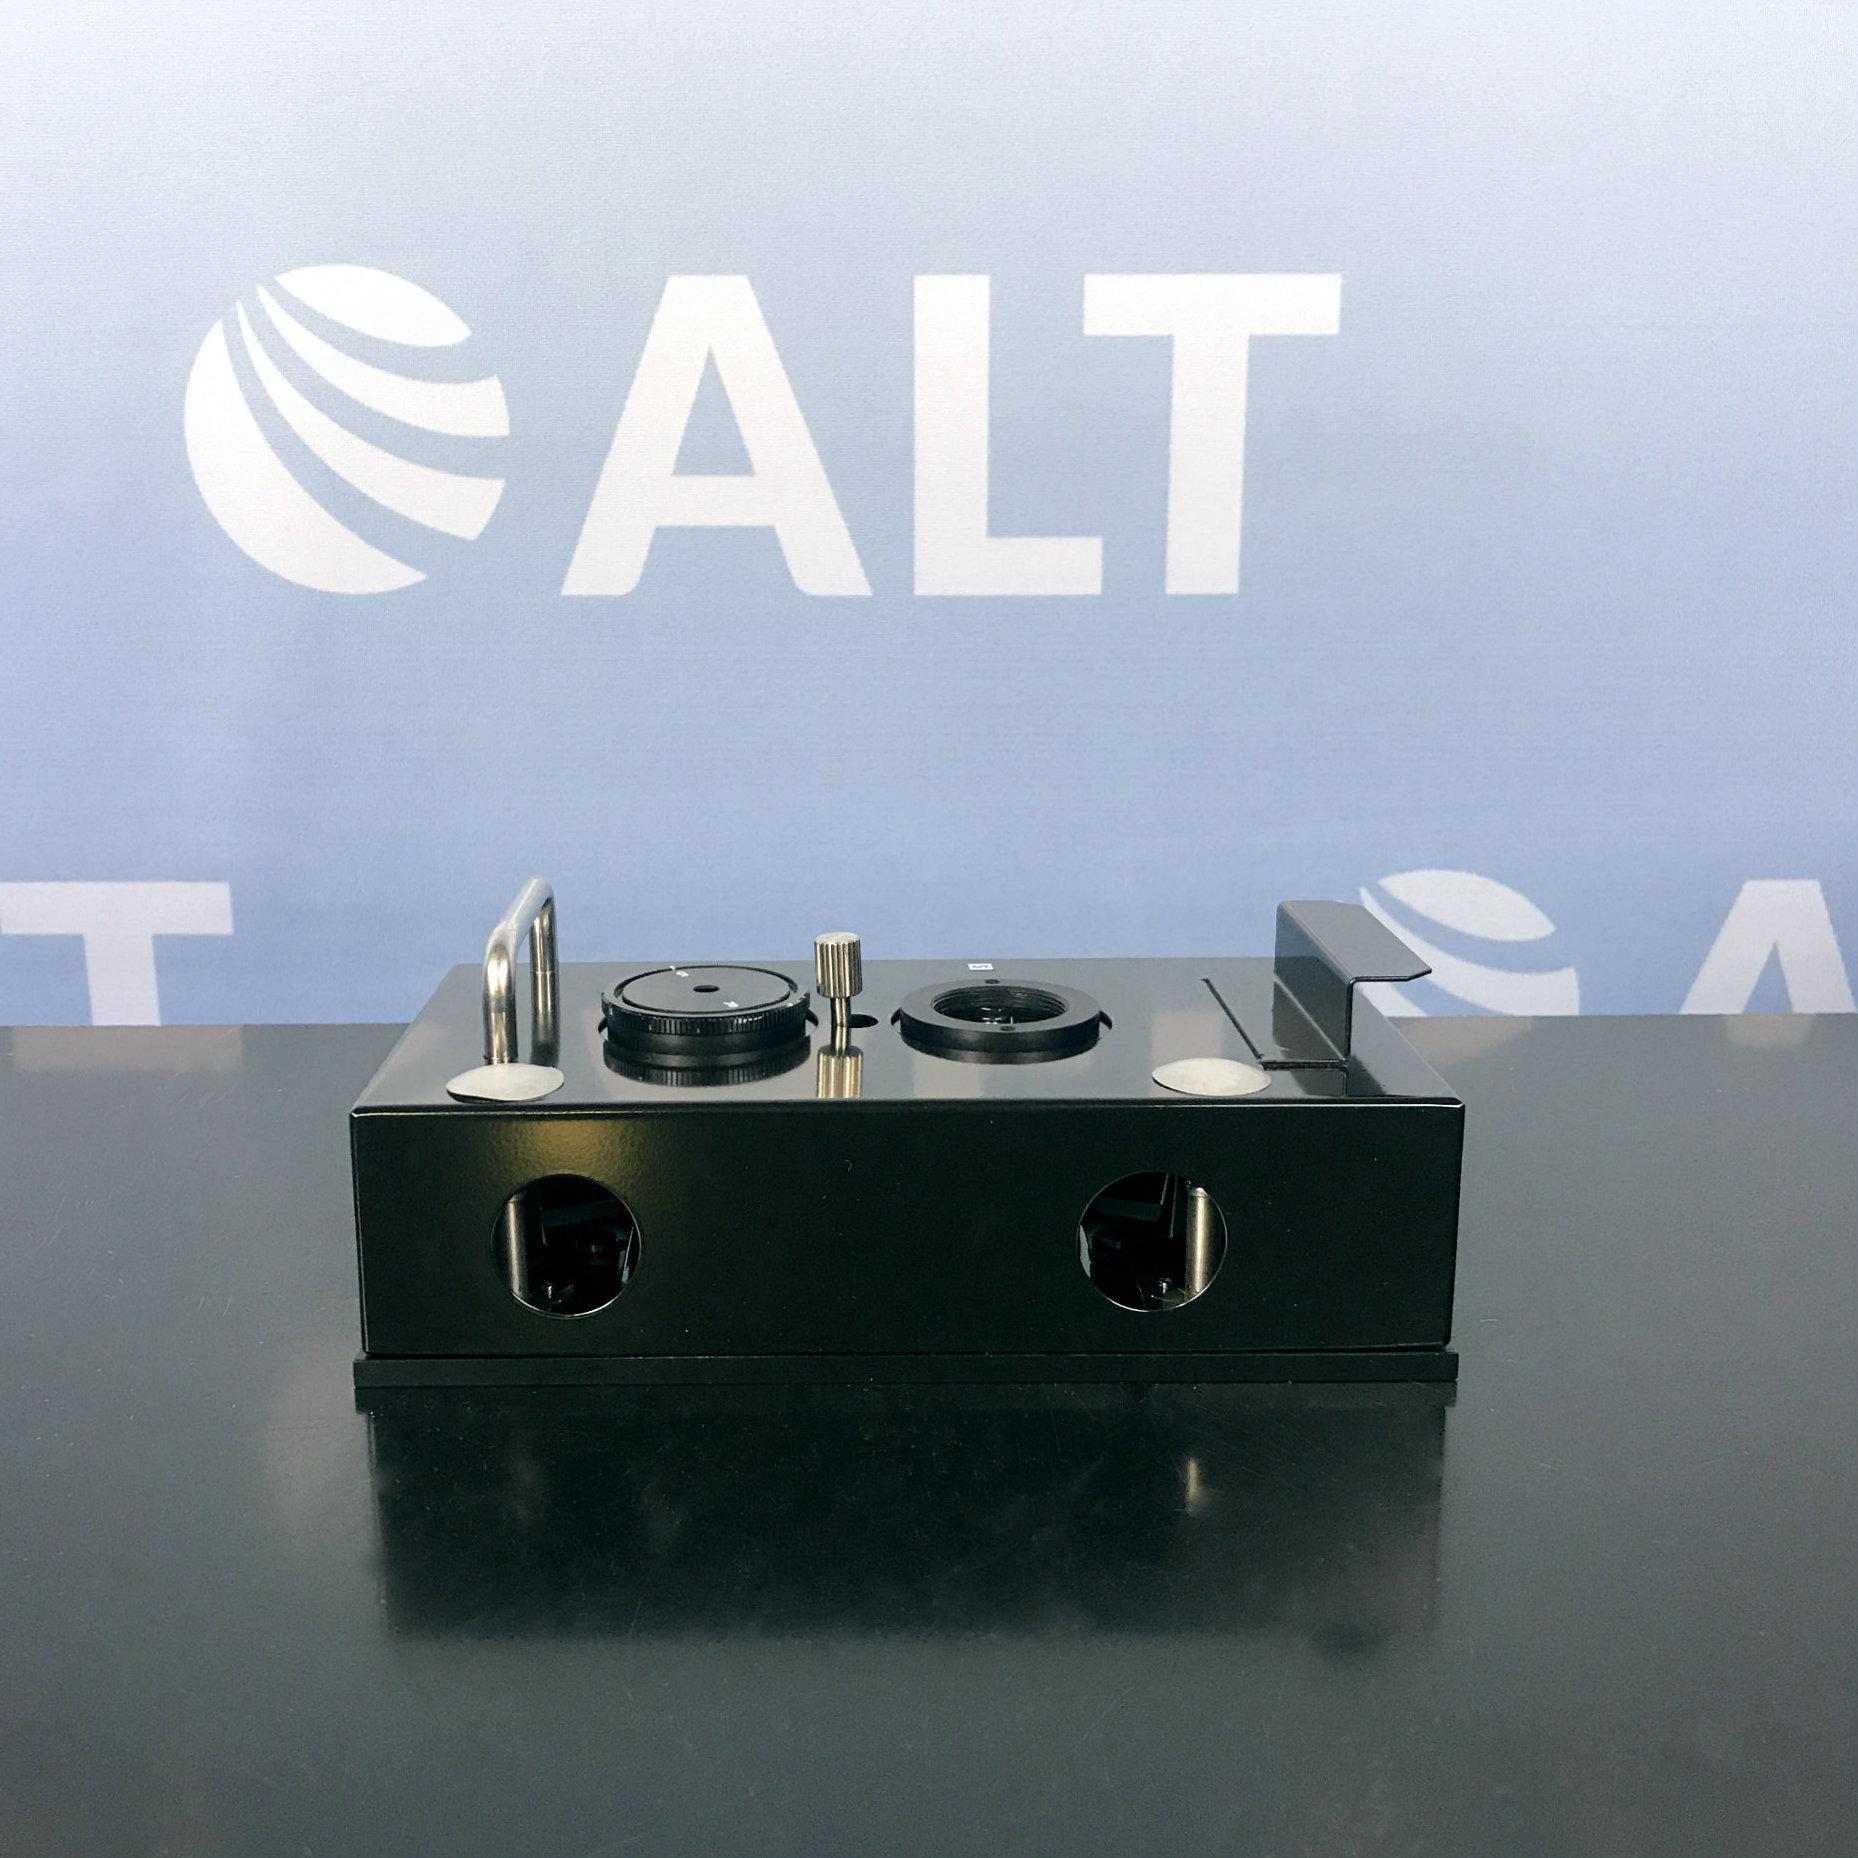 Shimadzu Spectrophotometer UV VIS - Reflectance Measurement Kit Model 200-63687 Image